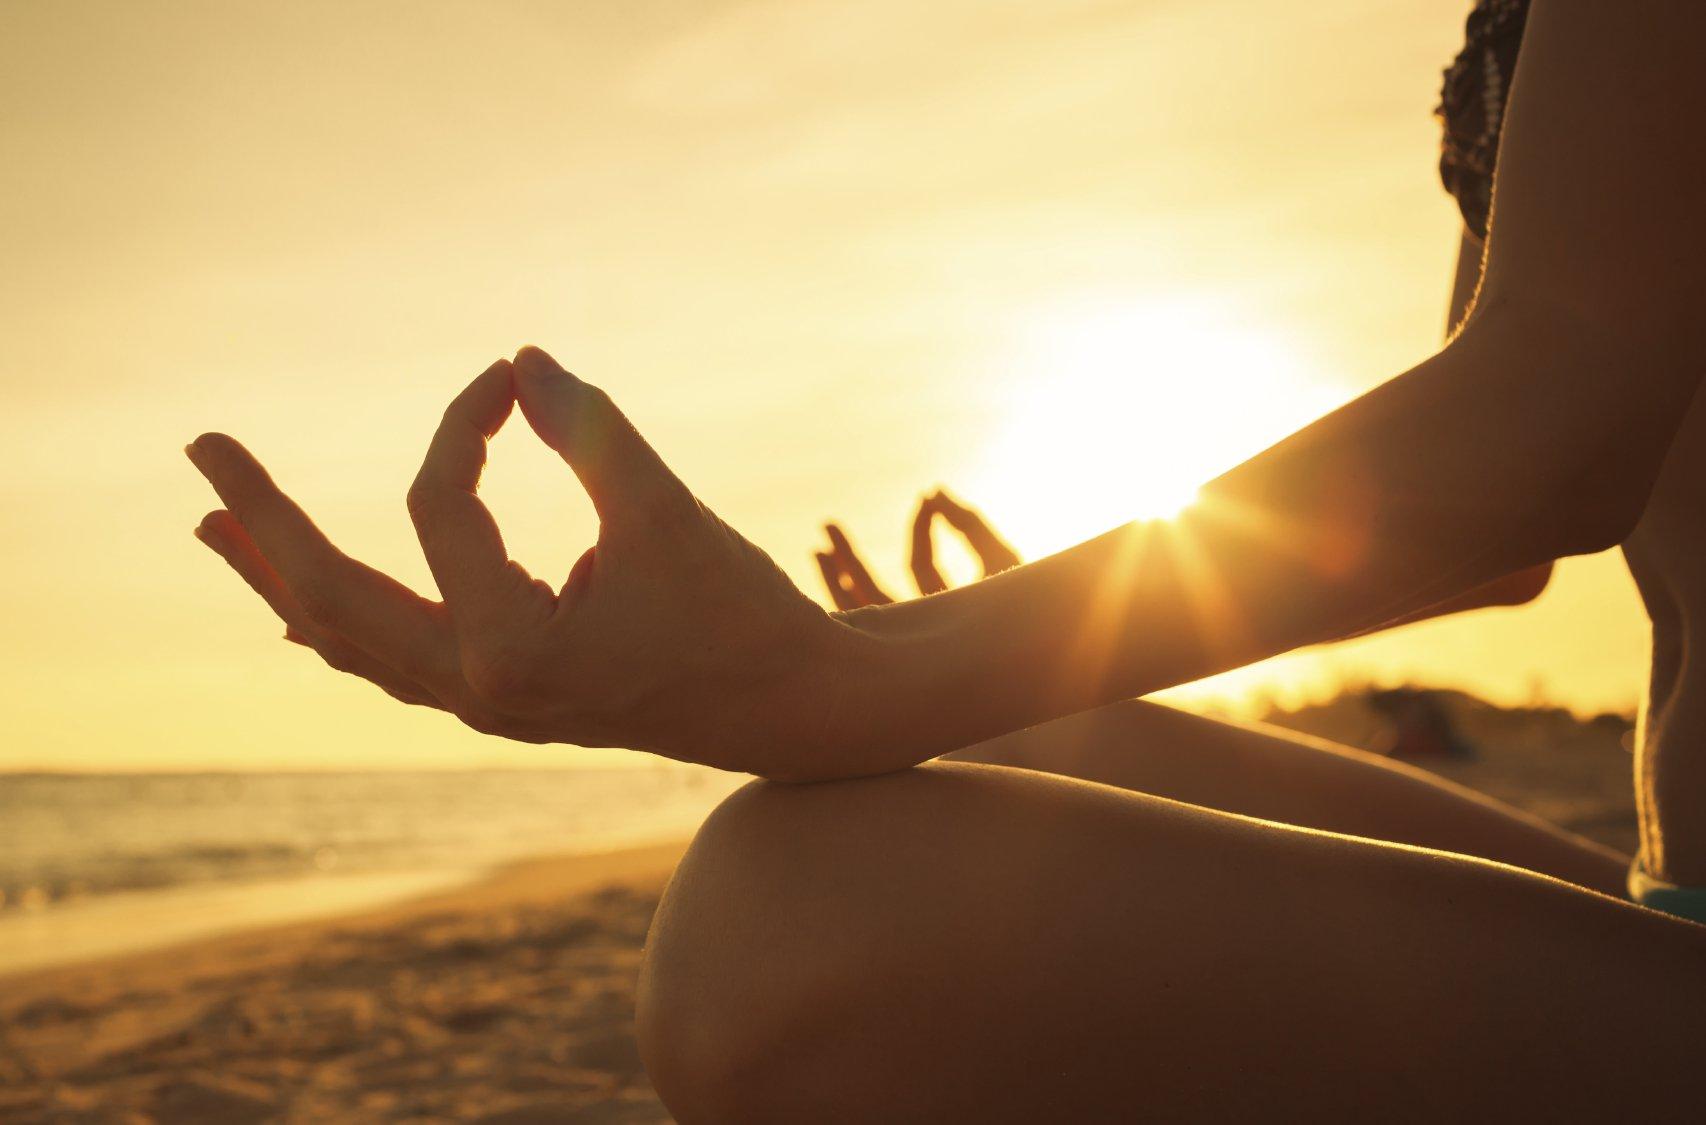 Série Meditação - Episódio #4 - O segundo benefício: a meditação alonga sua vida